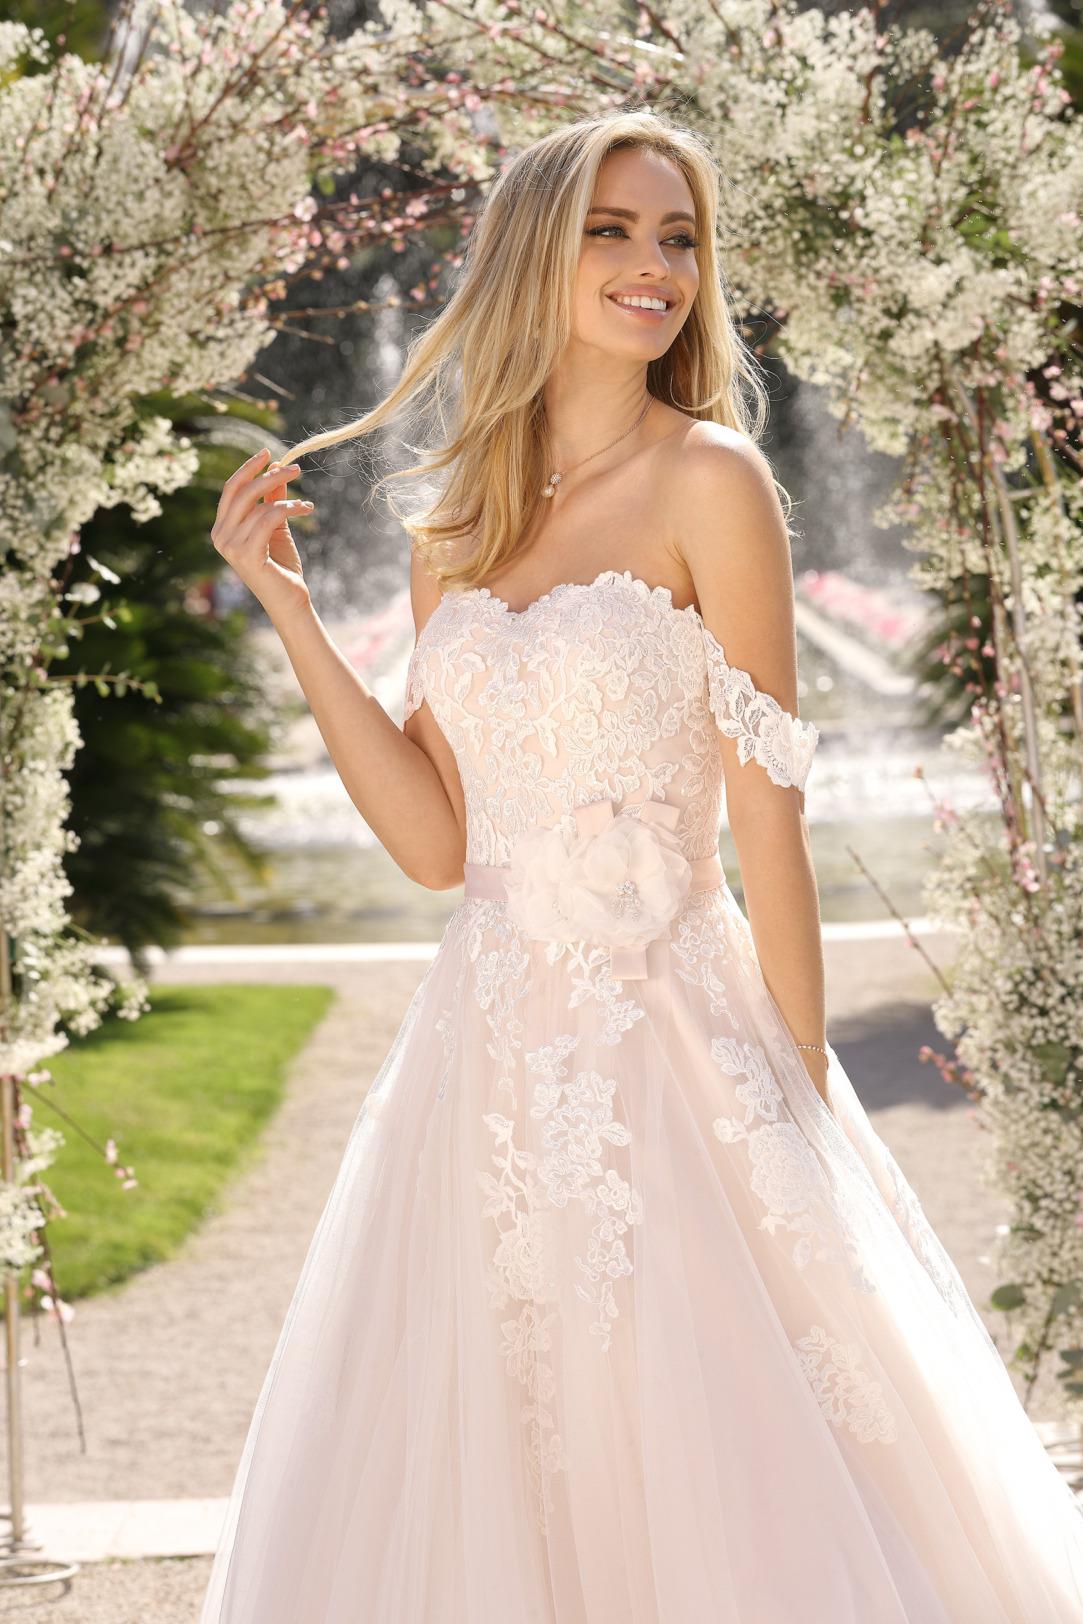 Brautkleider Hochzeitskleider in klassischer A Linie von Ladybird Modell 421028 mit feinsten Spitzen Applikationen am Oberteil Corsagenkleid mit off Shoulder Trägern Detailansicht